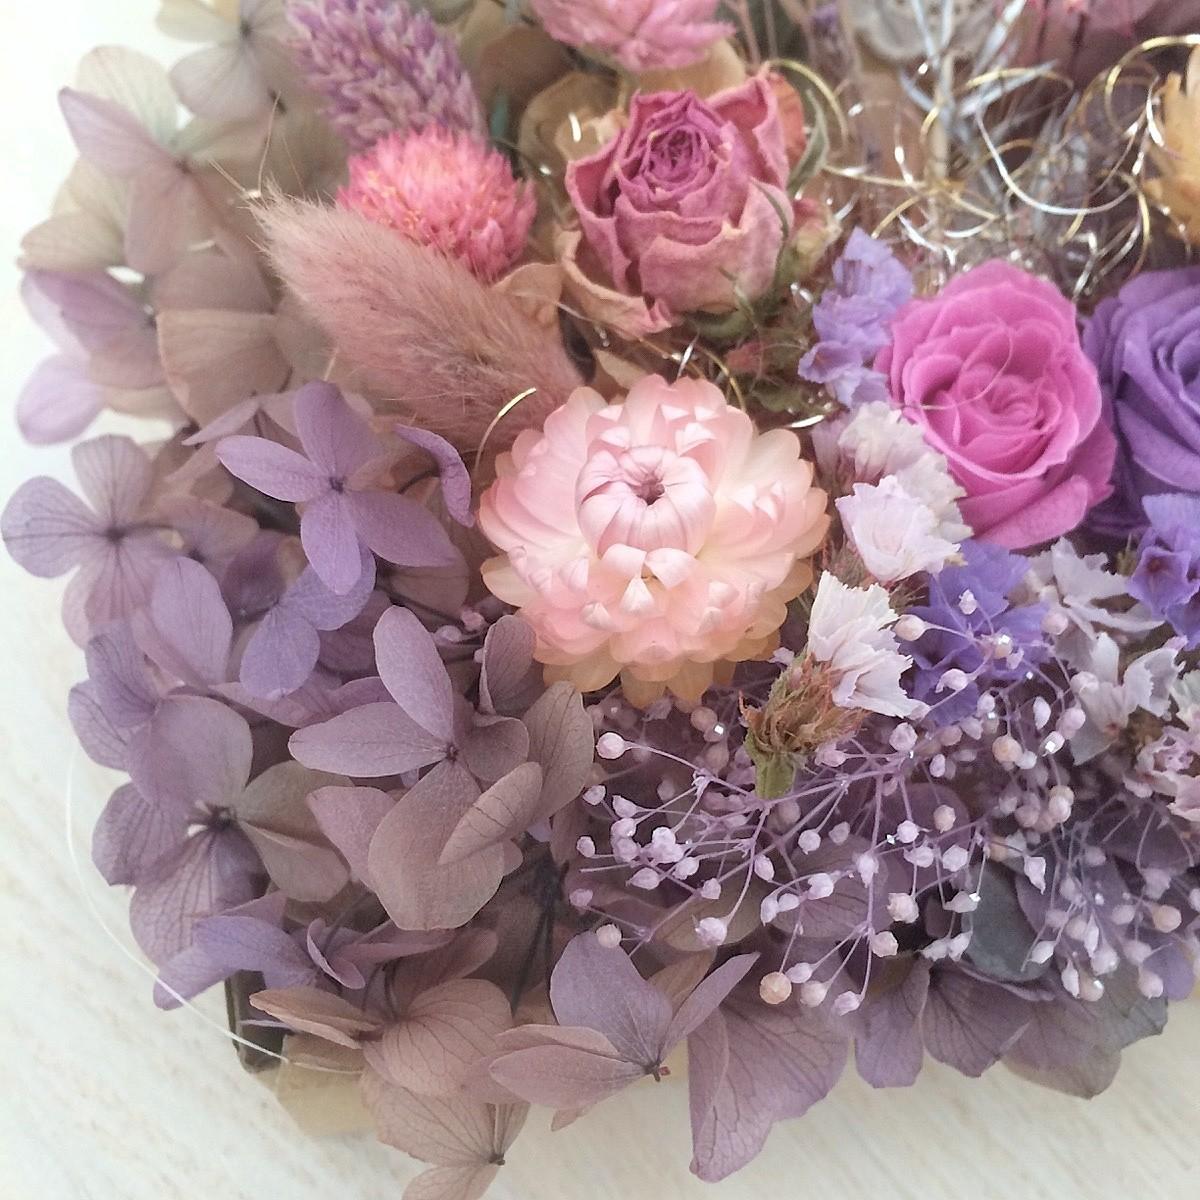 花材15 貝細工 ドライフラワー プリザーブドフラワー ハーバリウム花材